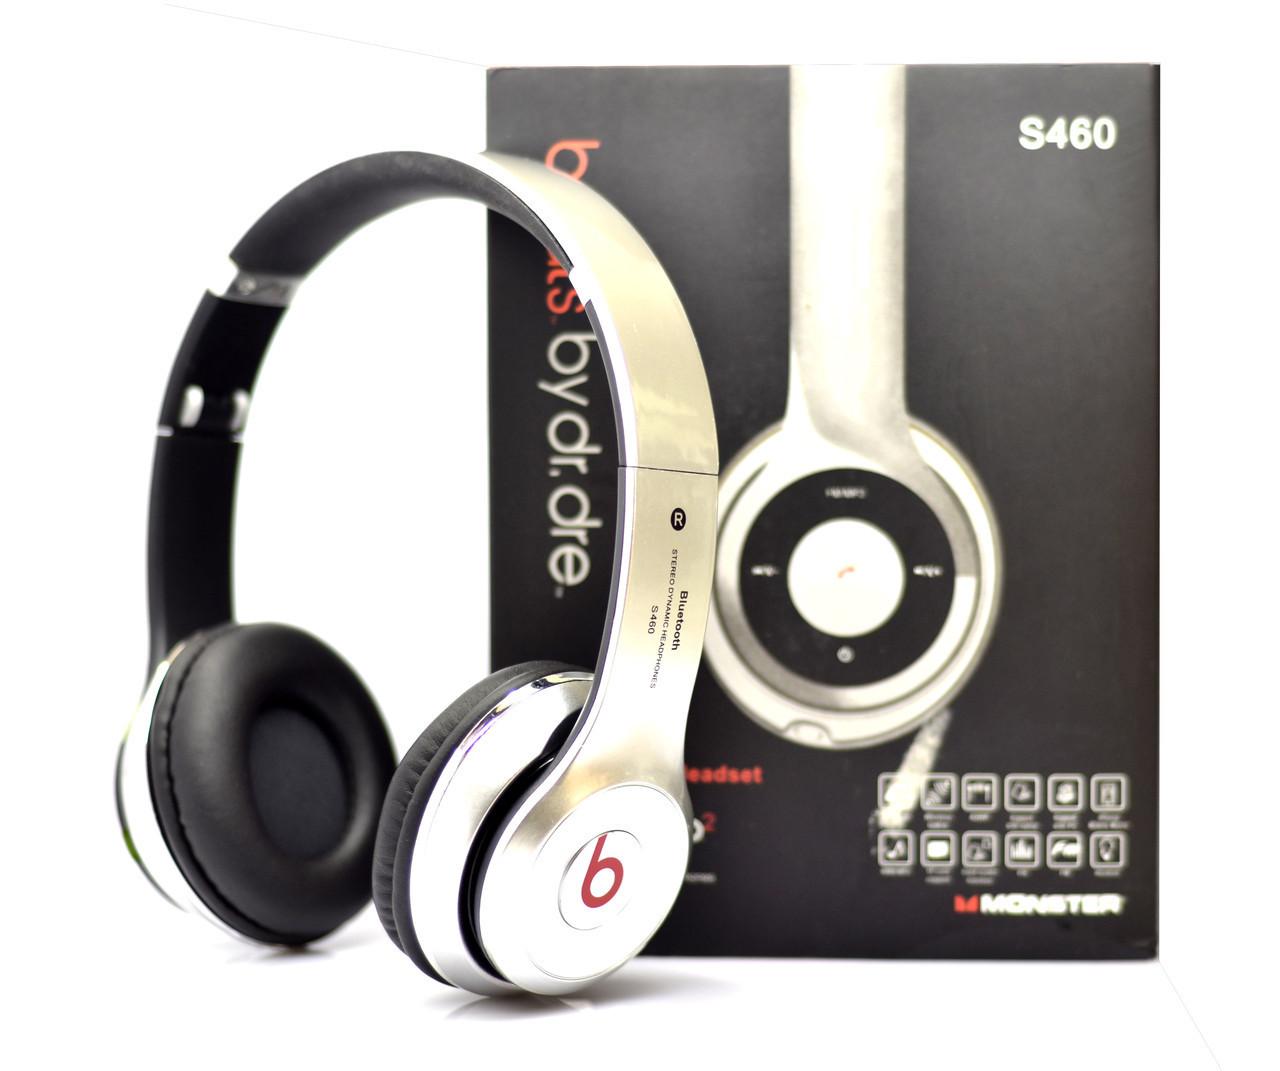 Беспроводные наушники S460 Bluetooth silver с MP3 плеером серебристые